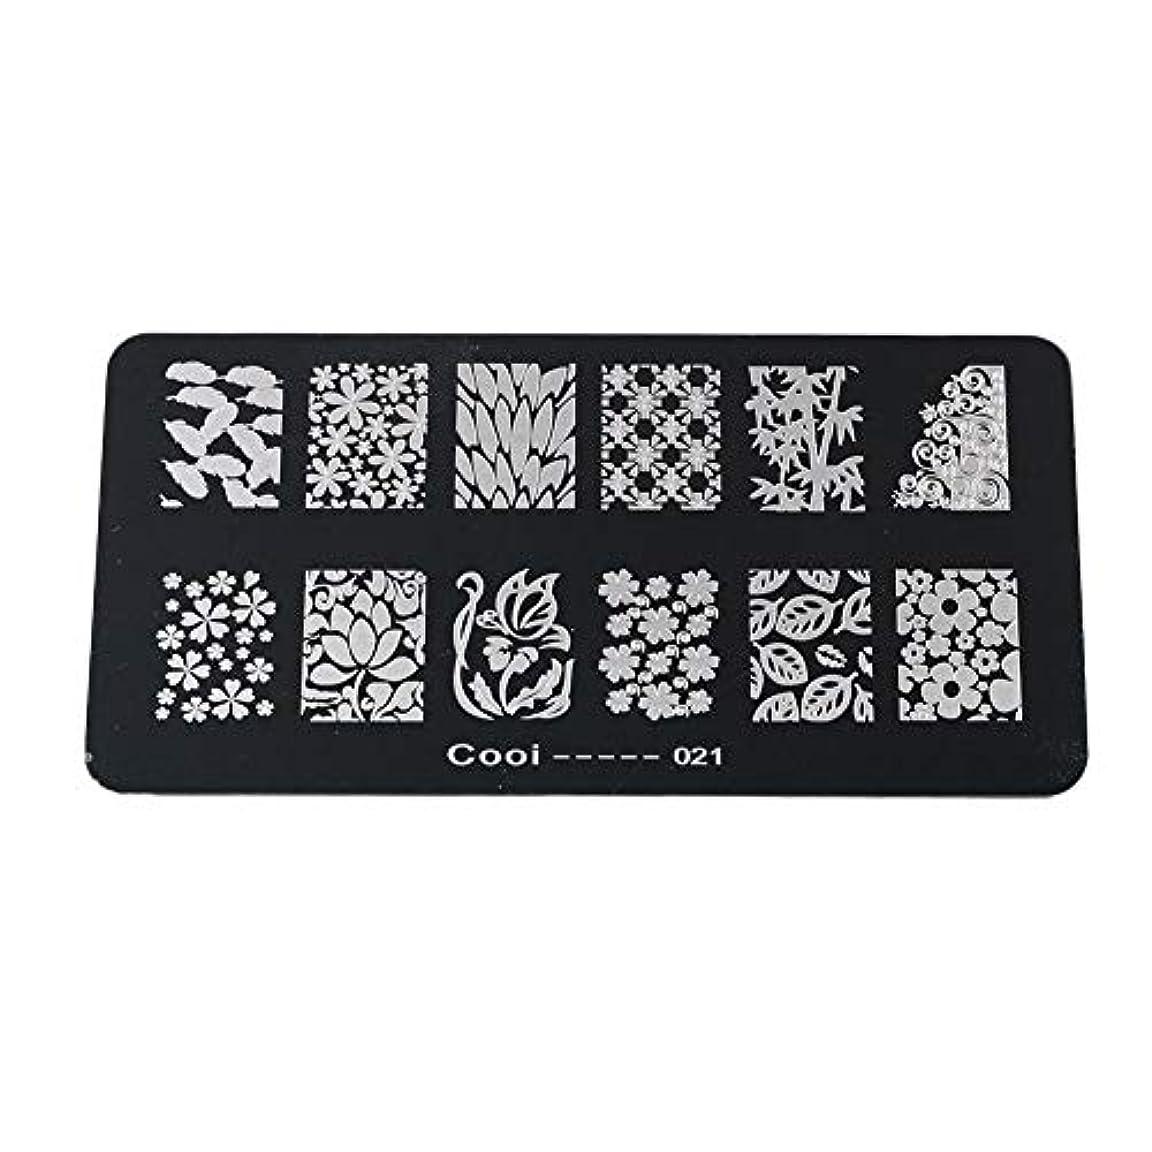 スカープ研究所幼児Yuyte耐久性のあるステンレス鋼の長方形のネイルアートスタンピングプレート-DIYマニキュア印刷イメージテンプレート(05)